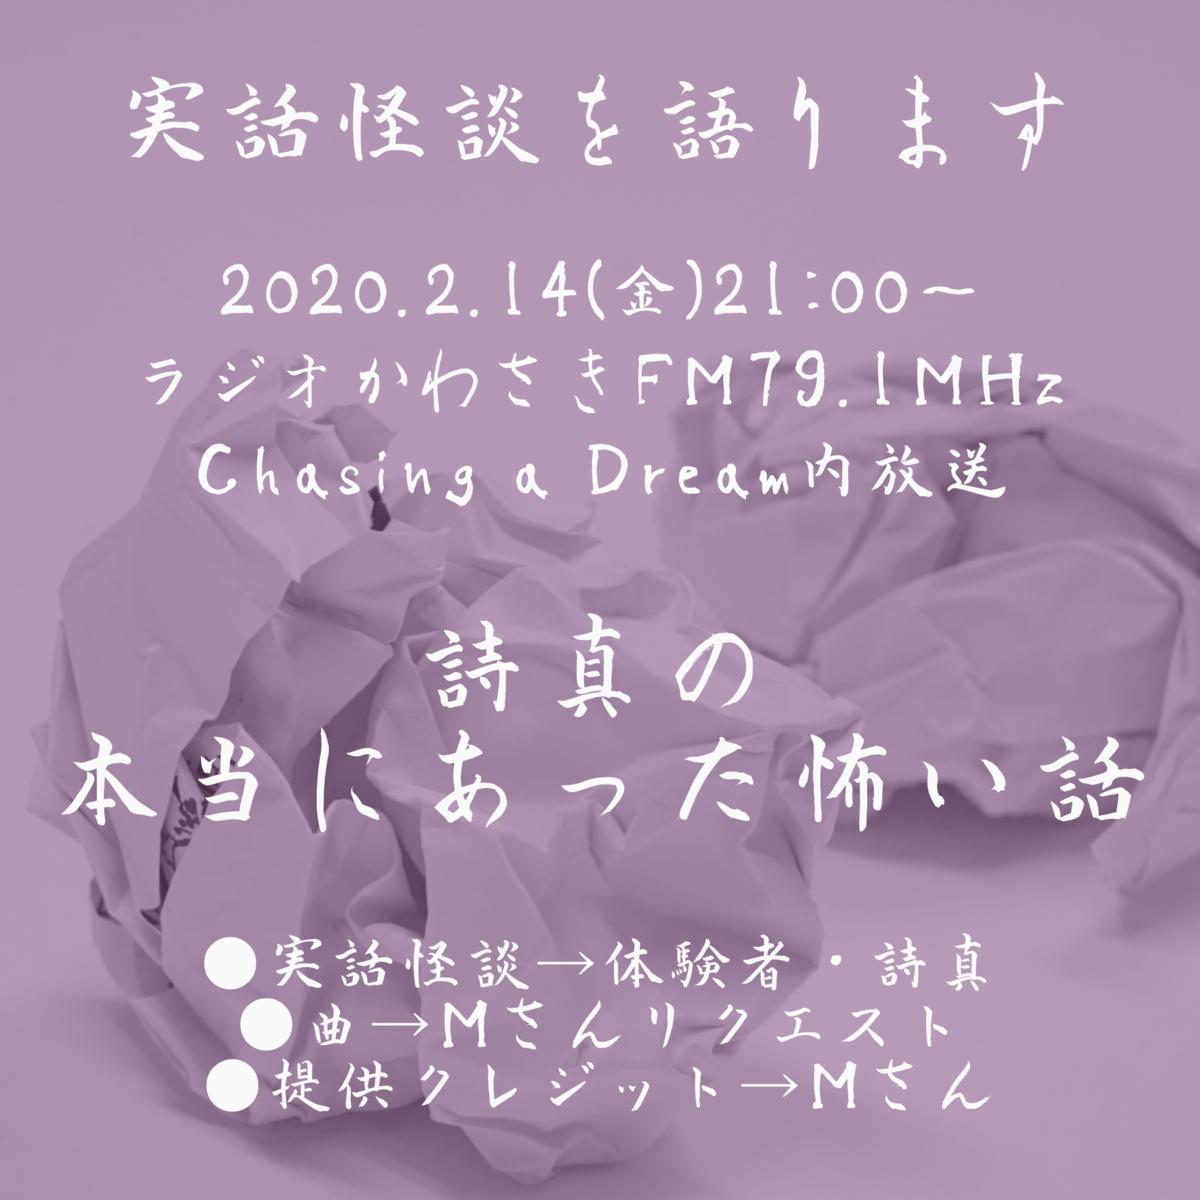 f:id:yukaitekietsu:20200212220805p:plain